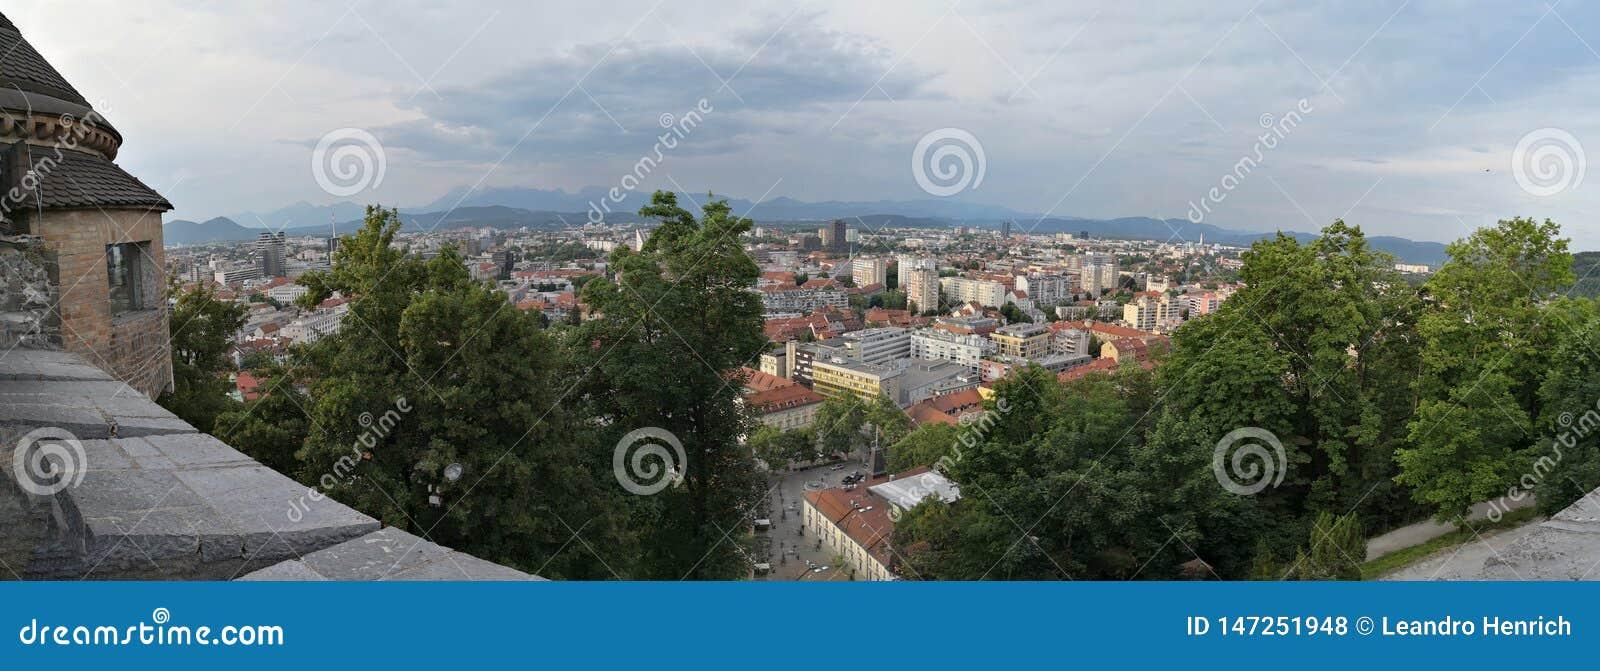 Vista panorámica de la ciudad de Ljublana del castillo